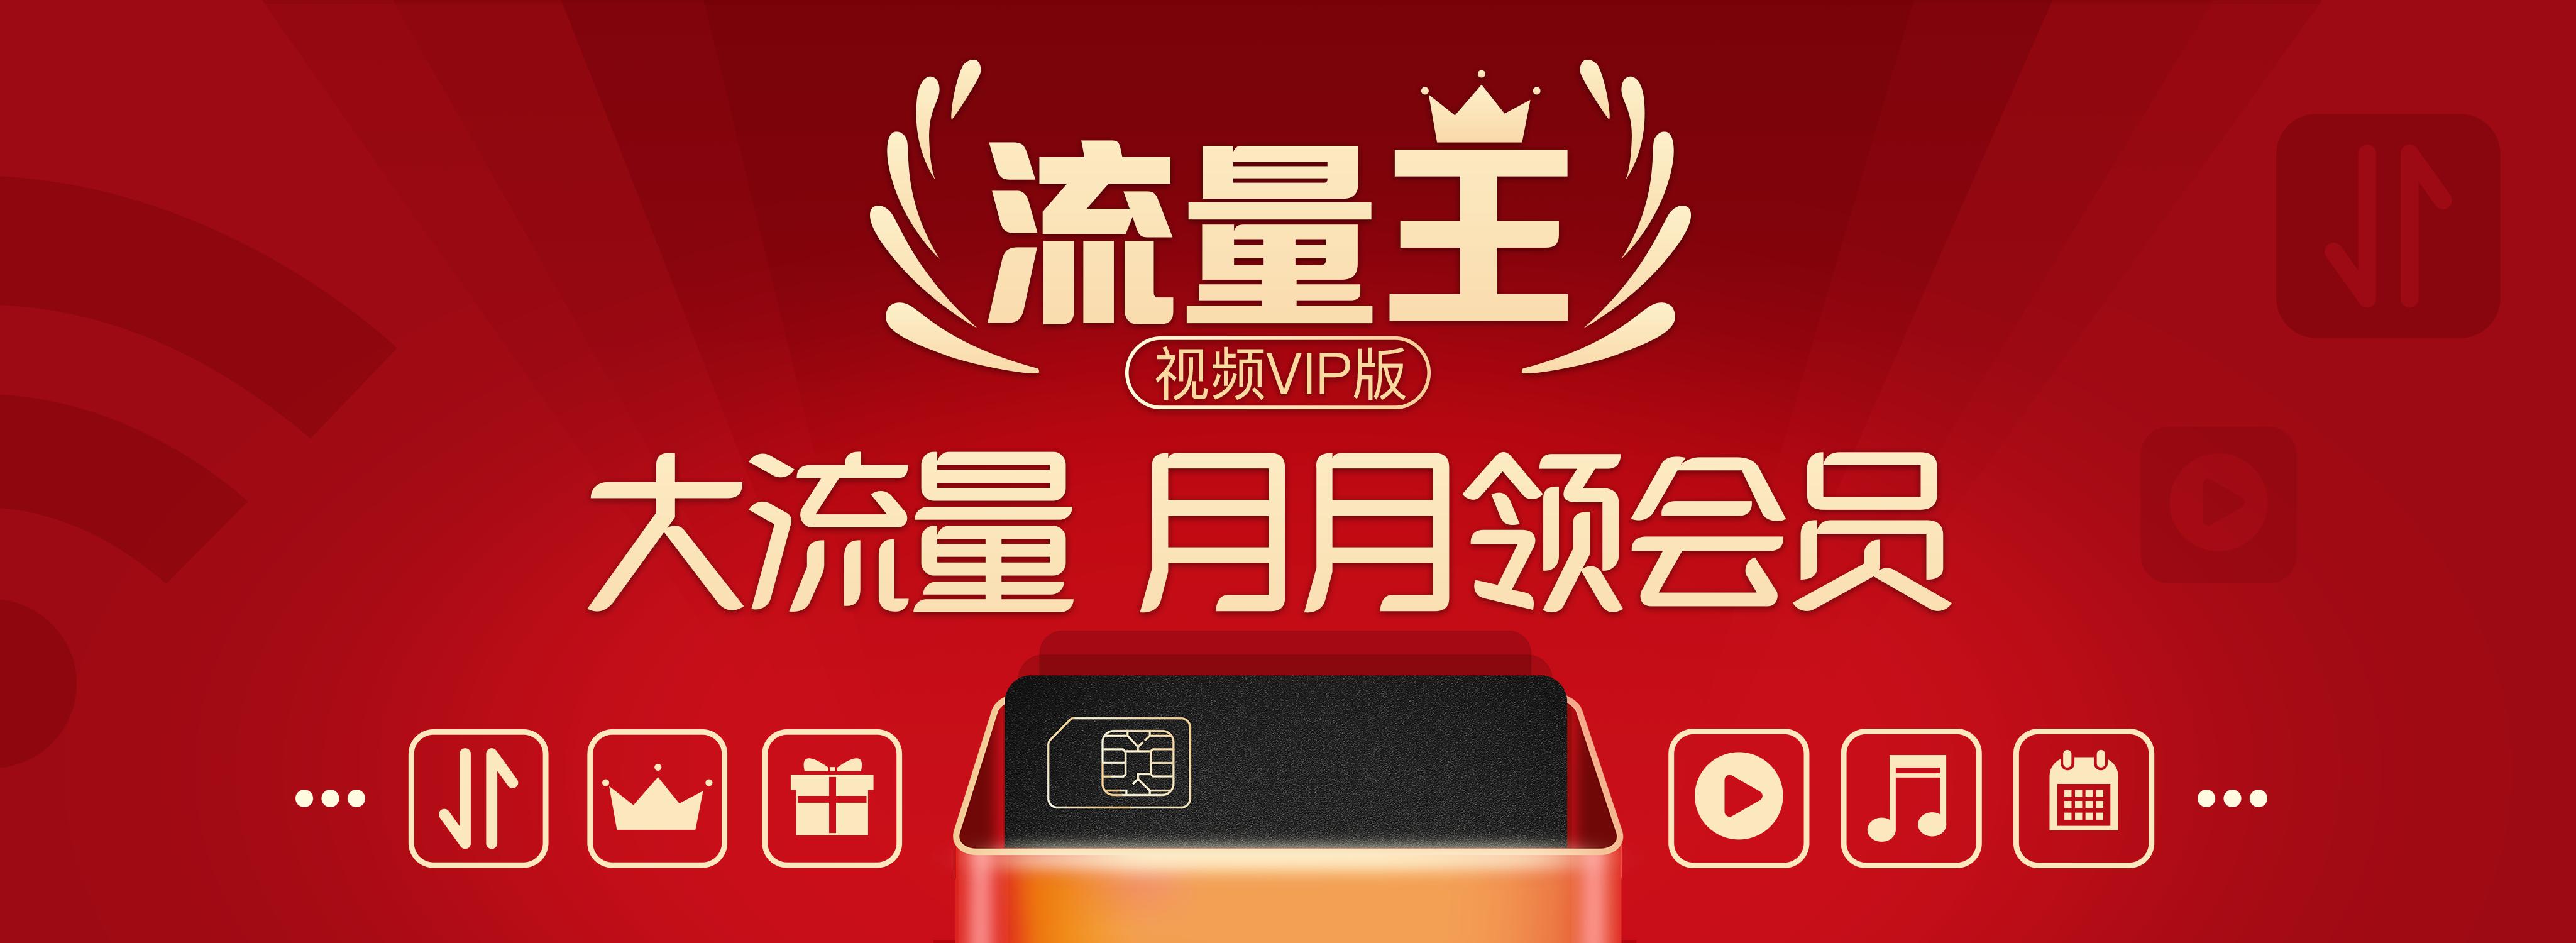 流量王49VIP视频版